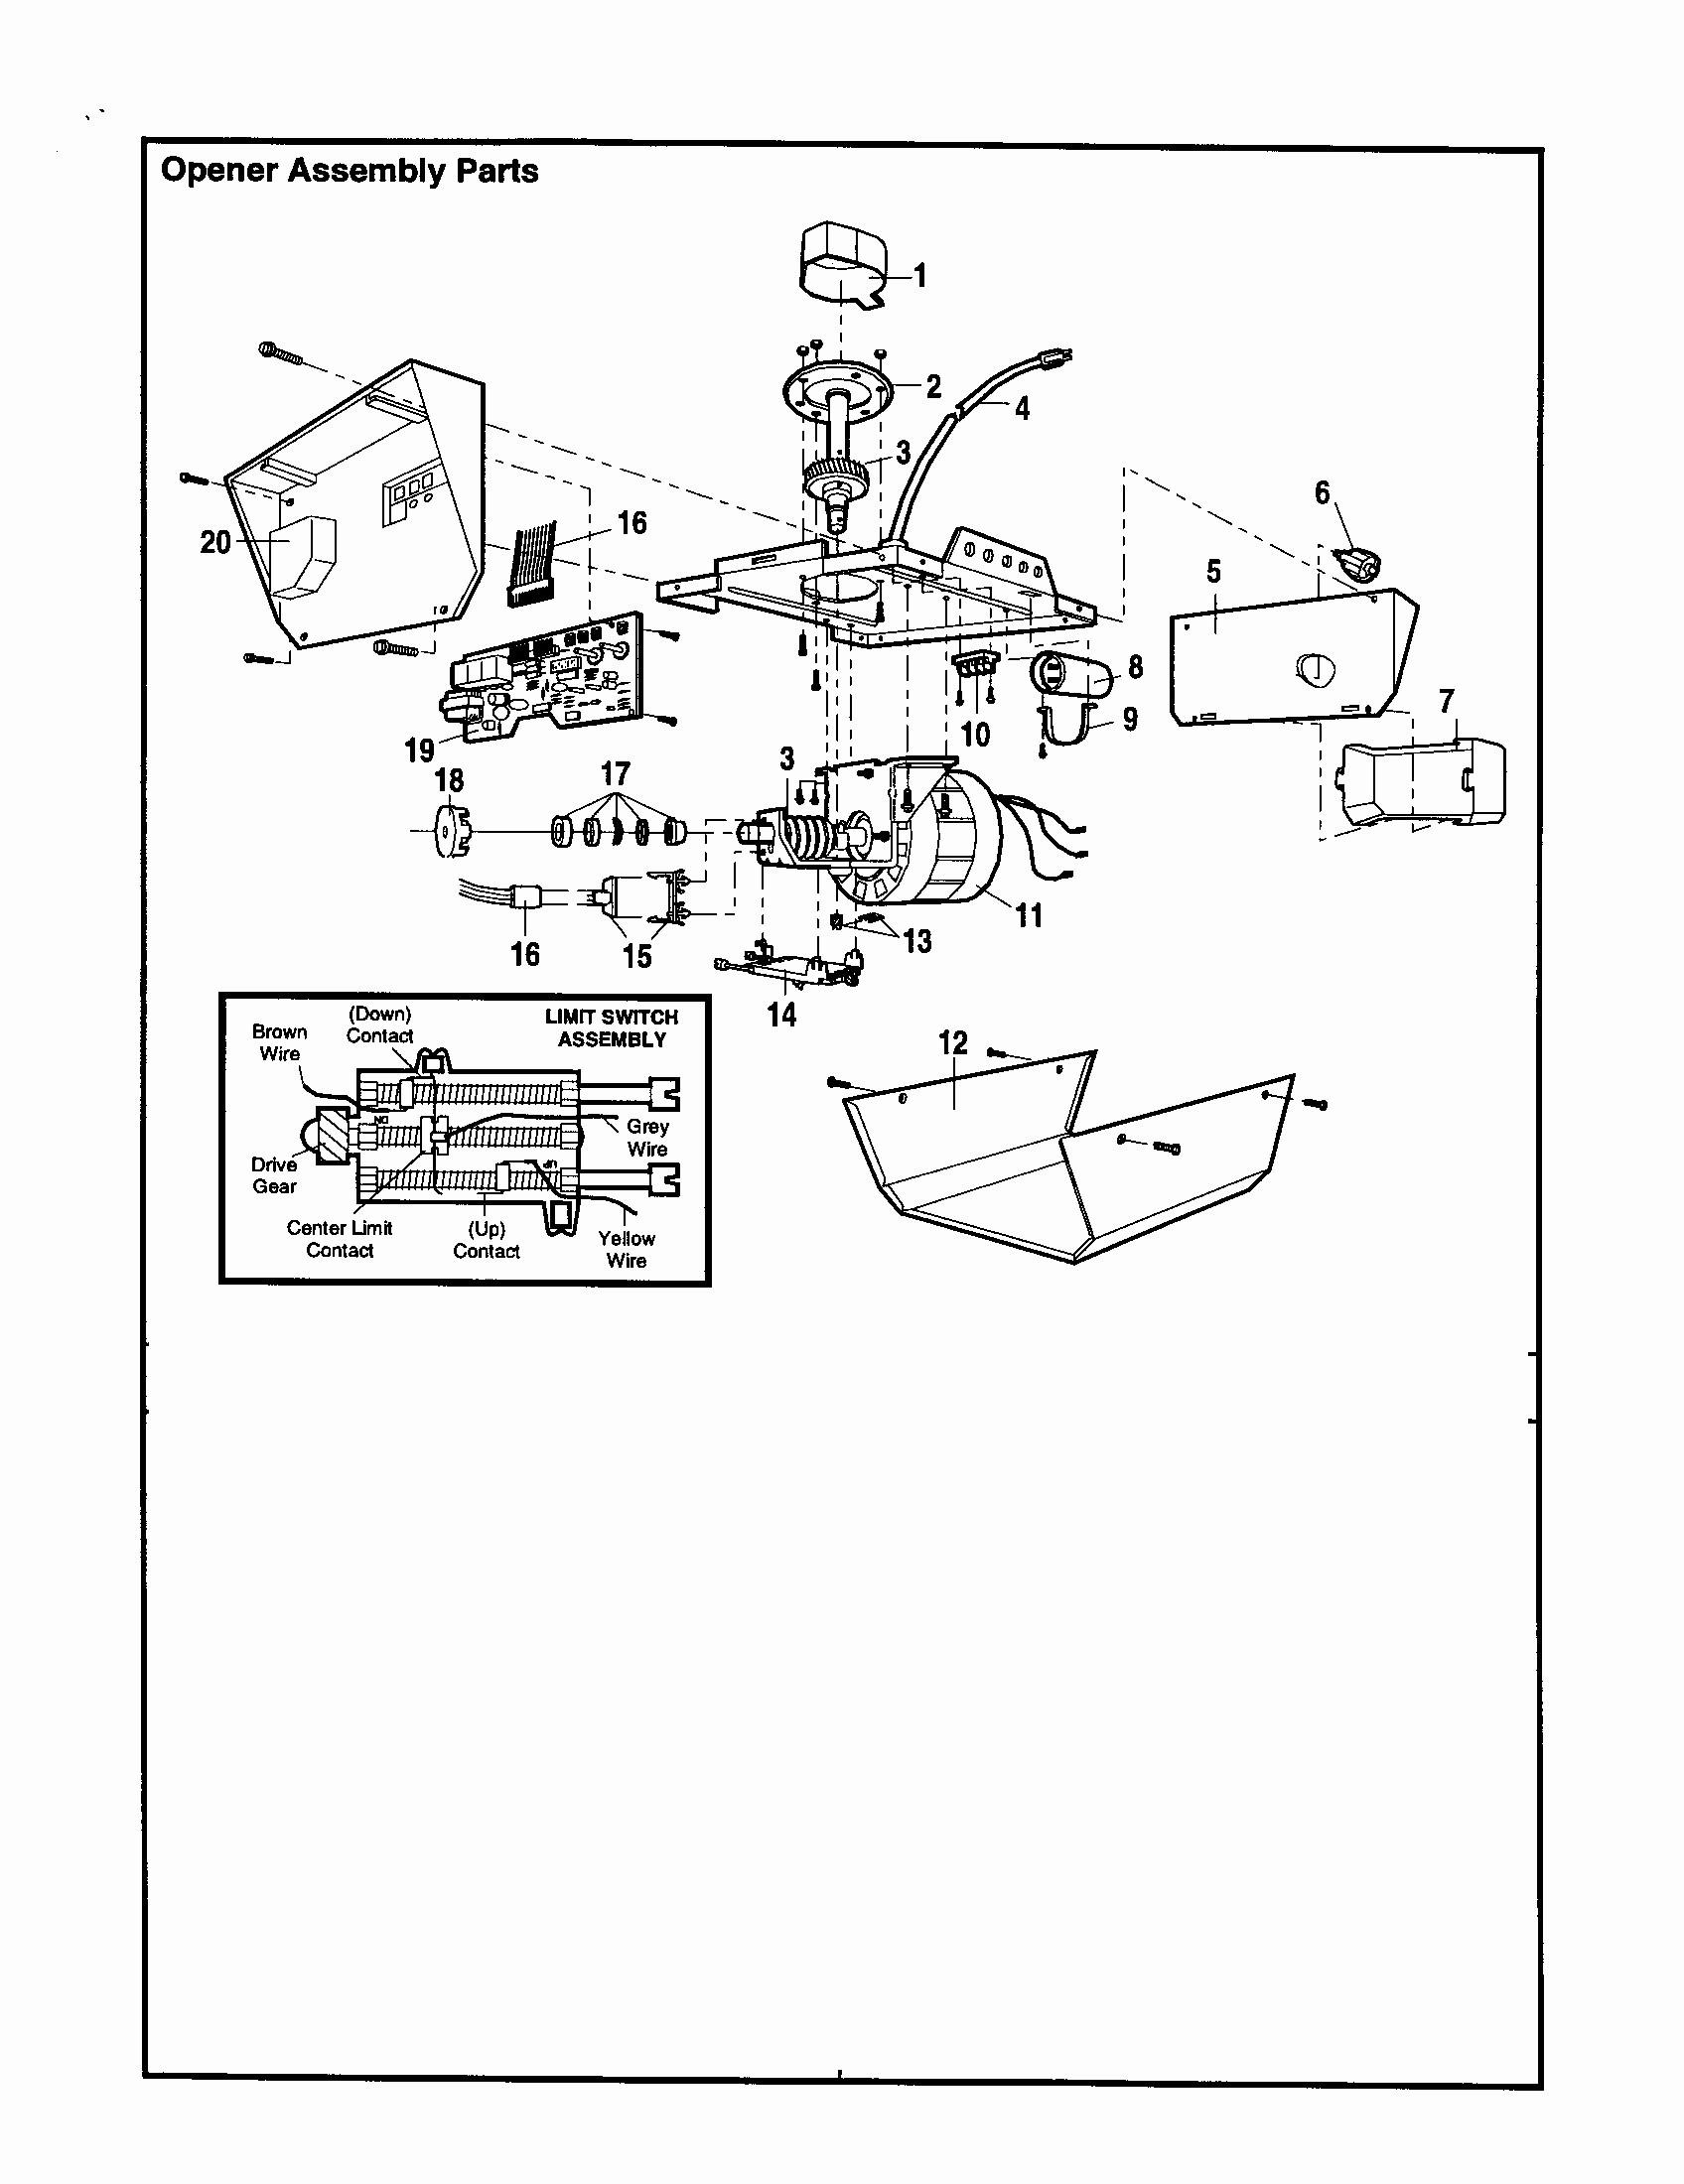 Genie Garage Door Opener Parts Diagram Genie Garage Door Opener Wiring Diagram Shahsramblings Of Genie Garage Door Opener Parts Diagram